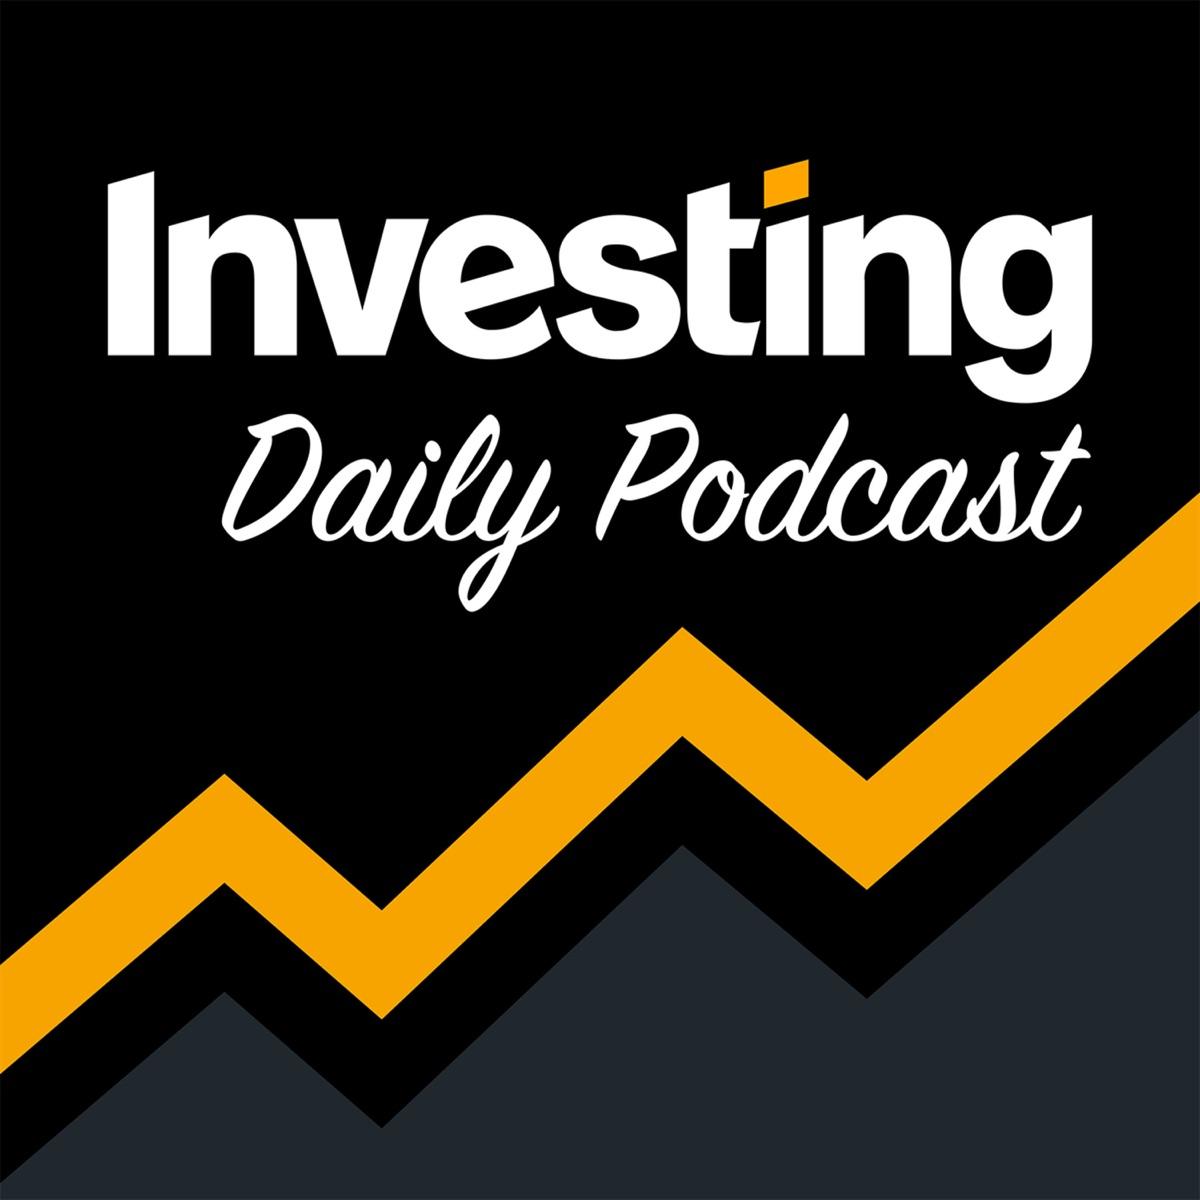 Investing.com Daily Podcast